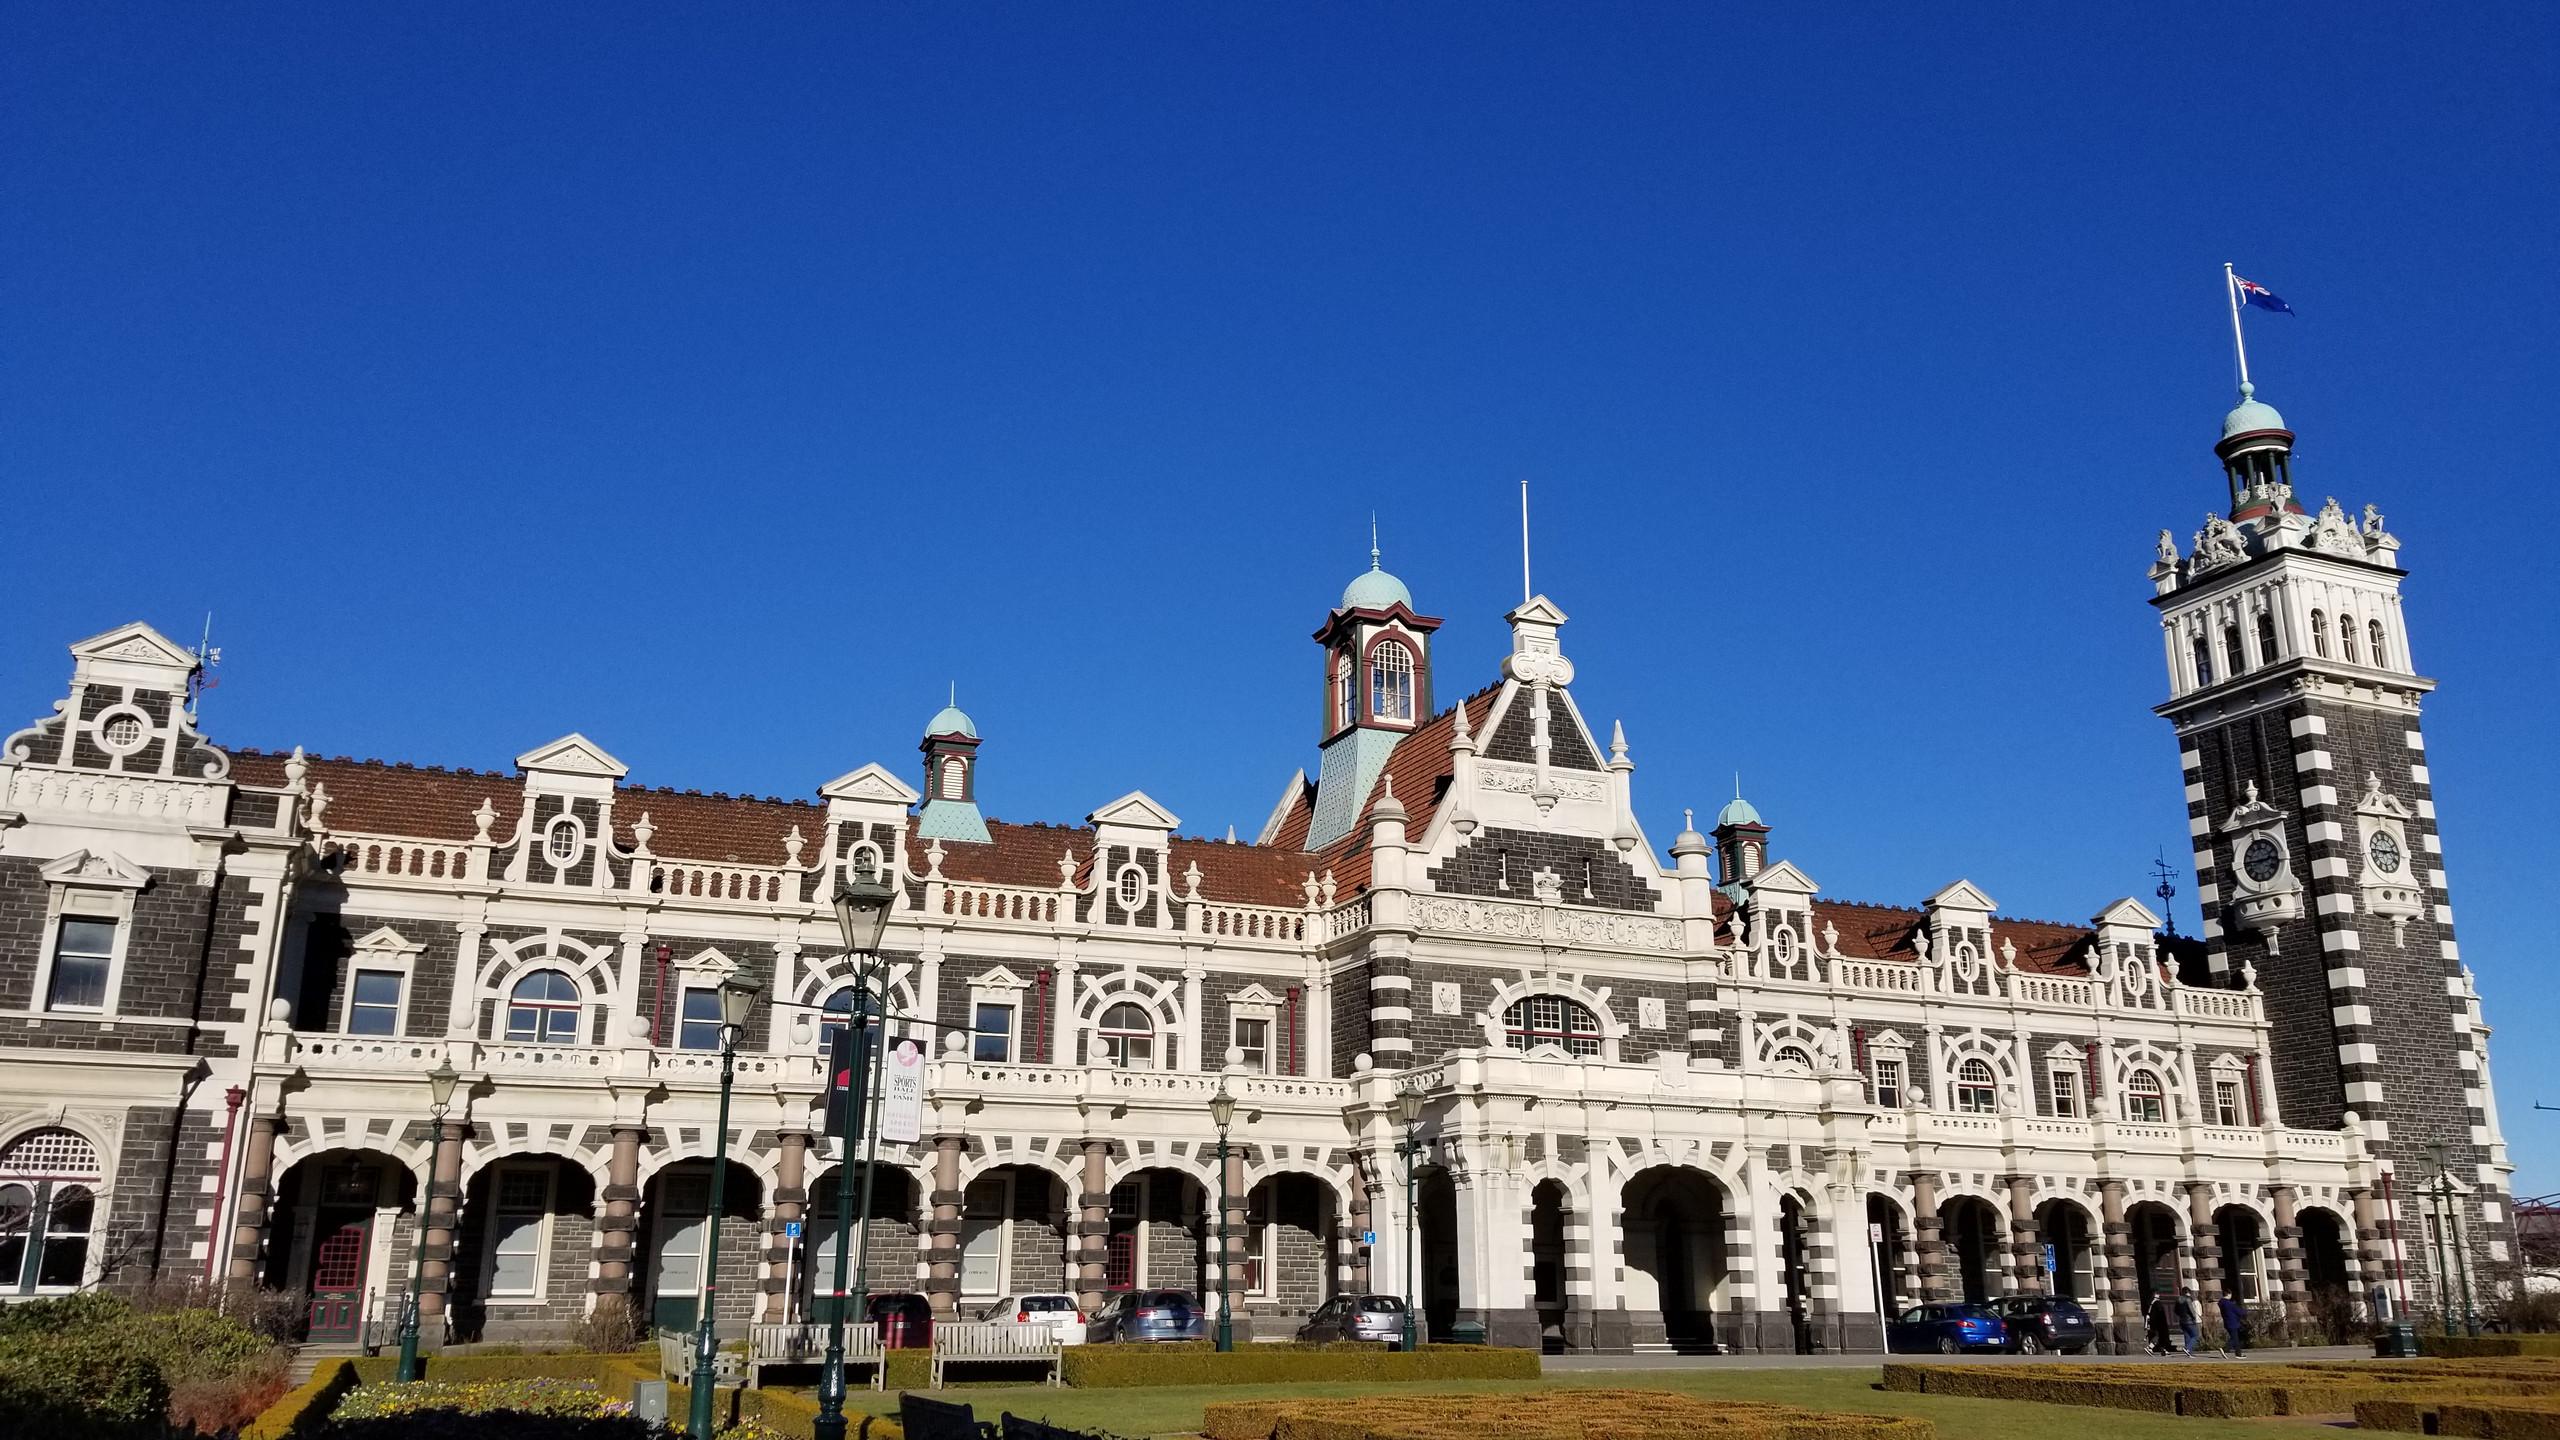 Железнодорожный вокзал Данидина (Dunedin) Новая Зеландия. Туры в Новую Зеландию. Экскурсии в новой Зеландии.